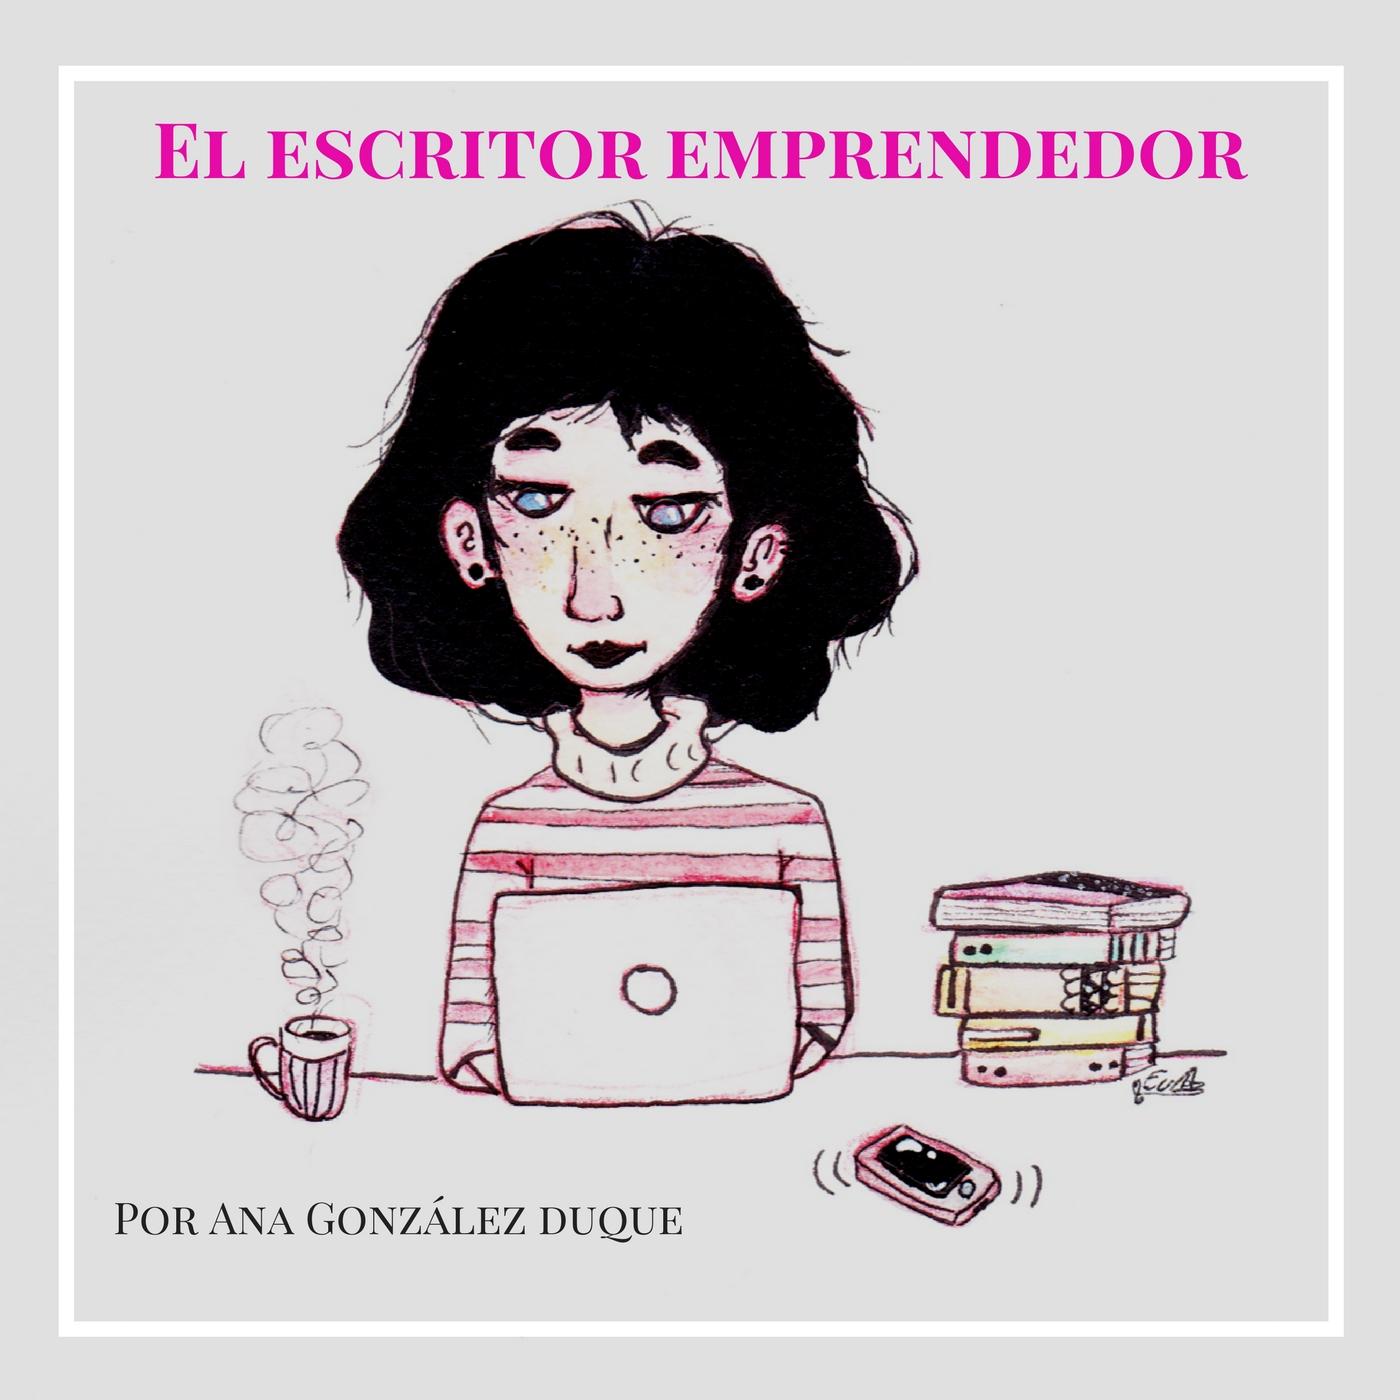 El escritor emprendedor: emprende como escritor con Ana González Duque show art